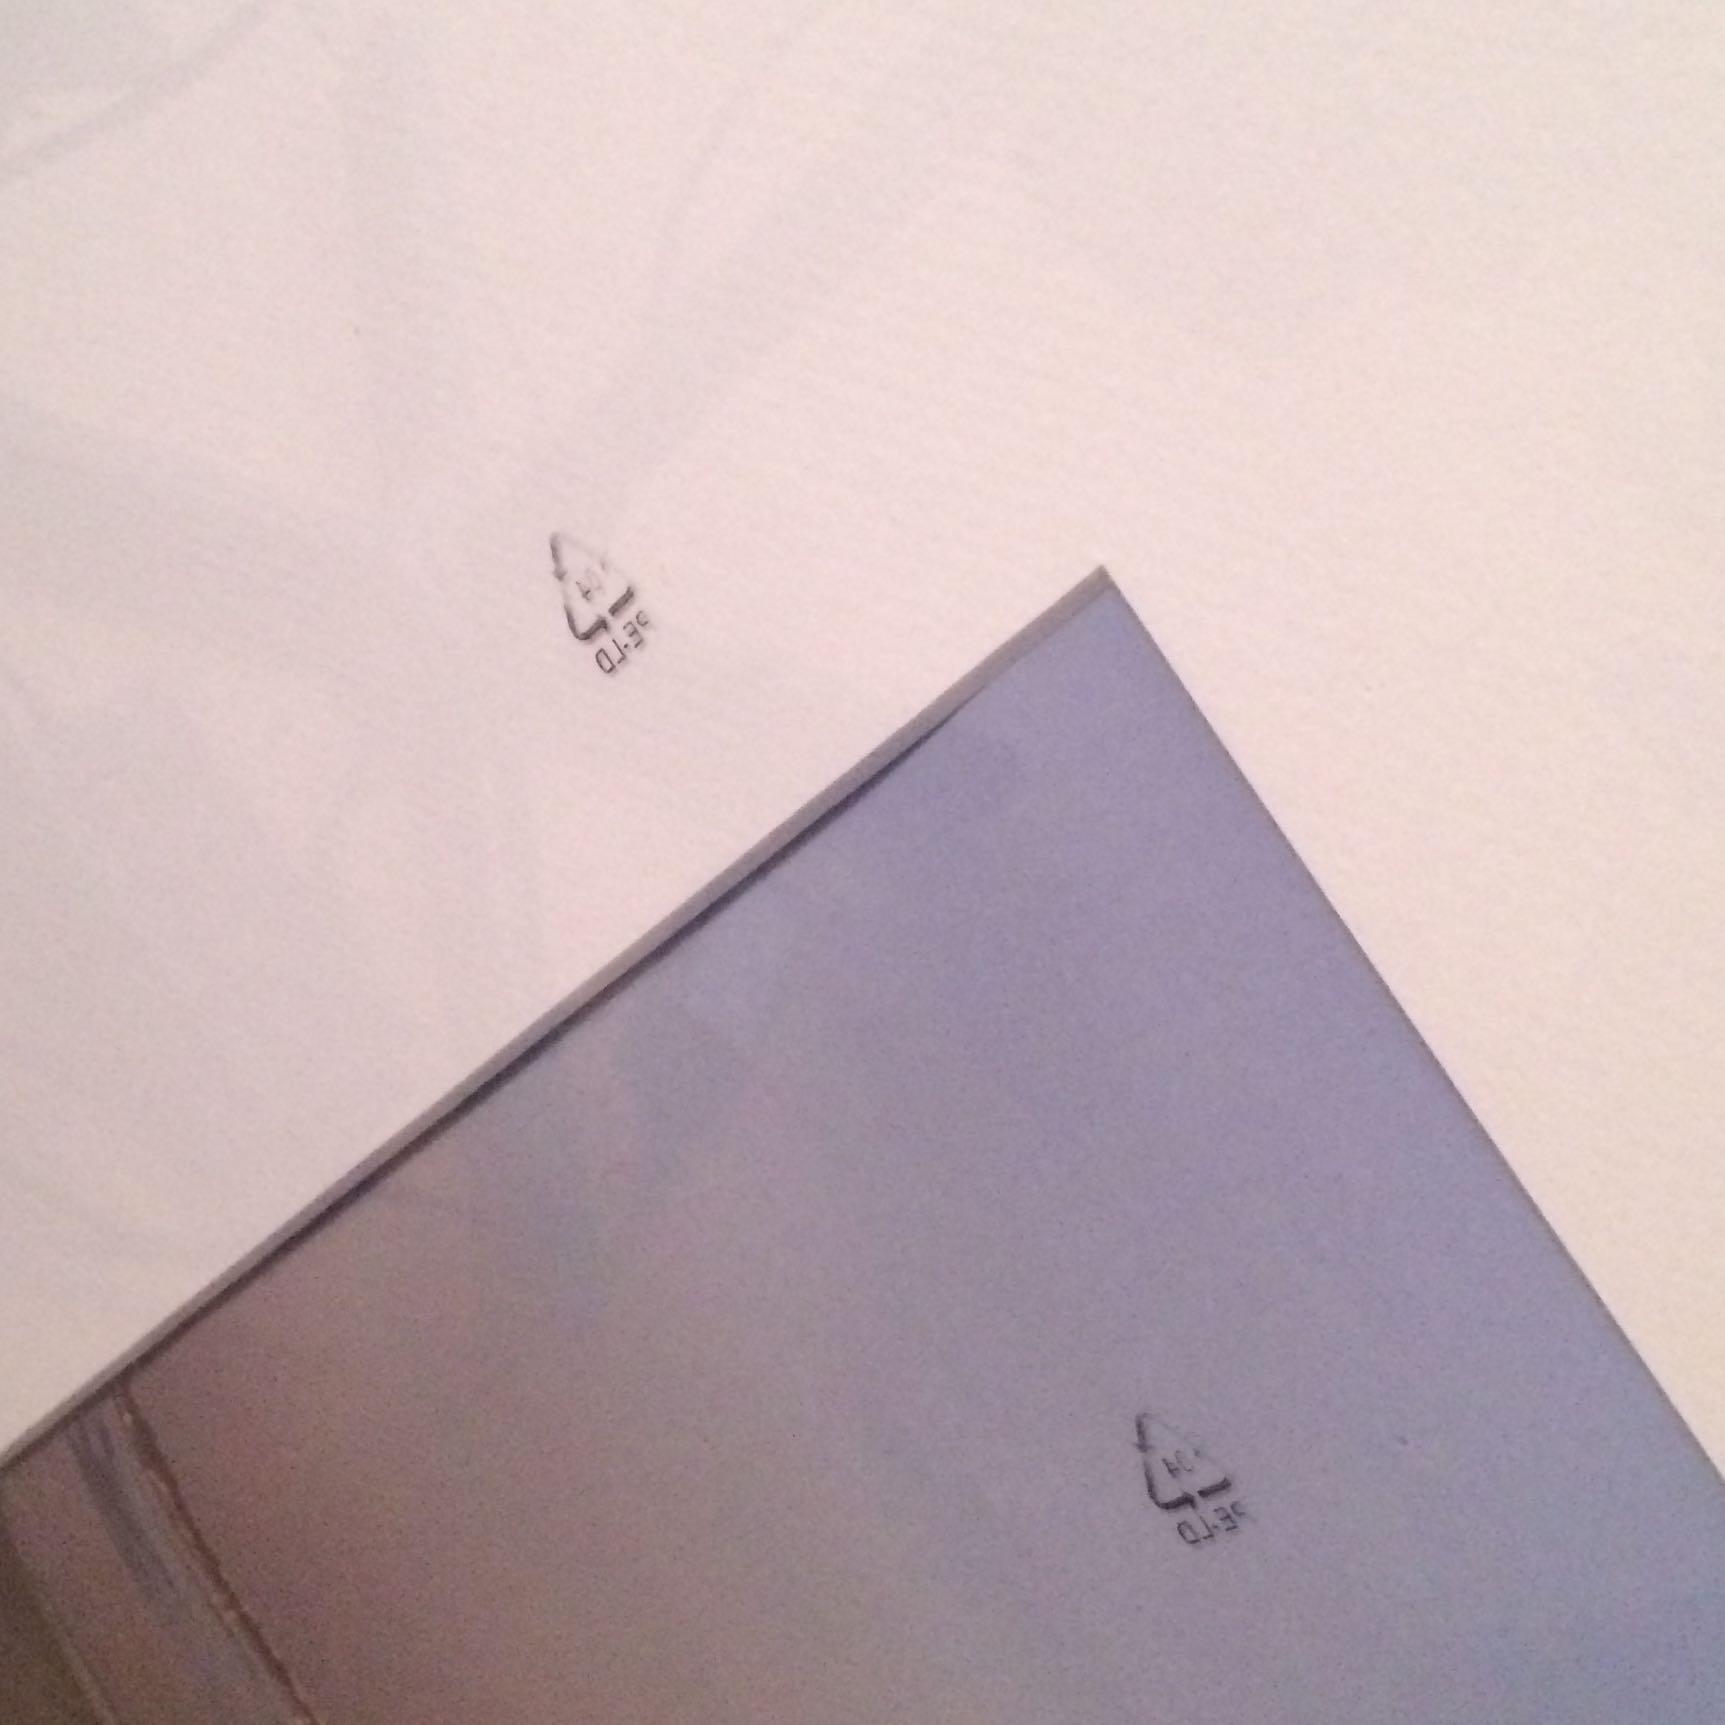 Ikea Bilderrahmen: wie kriege ich diese Symbole Weg?